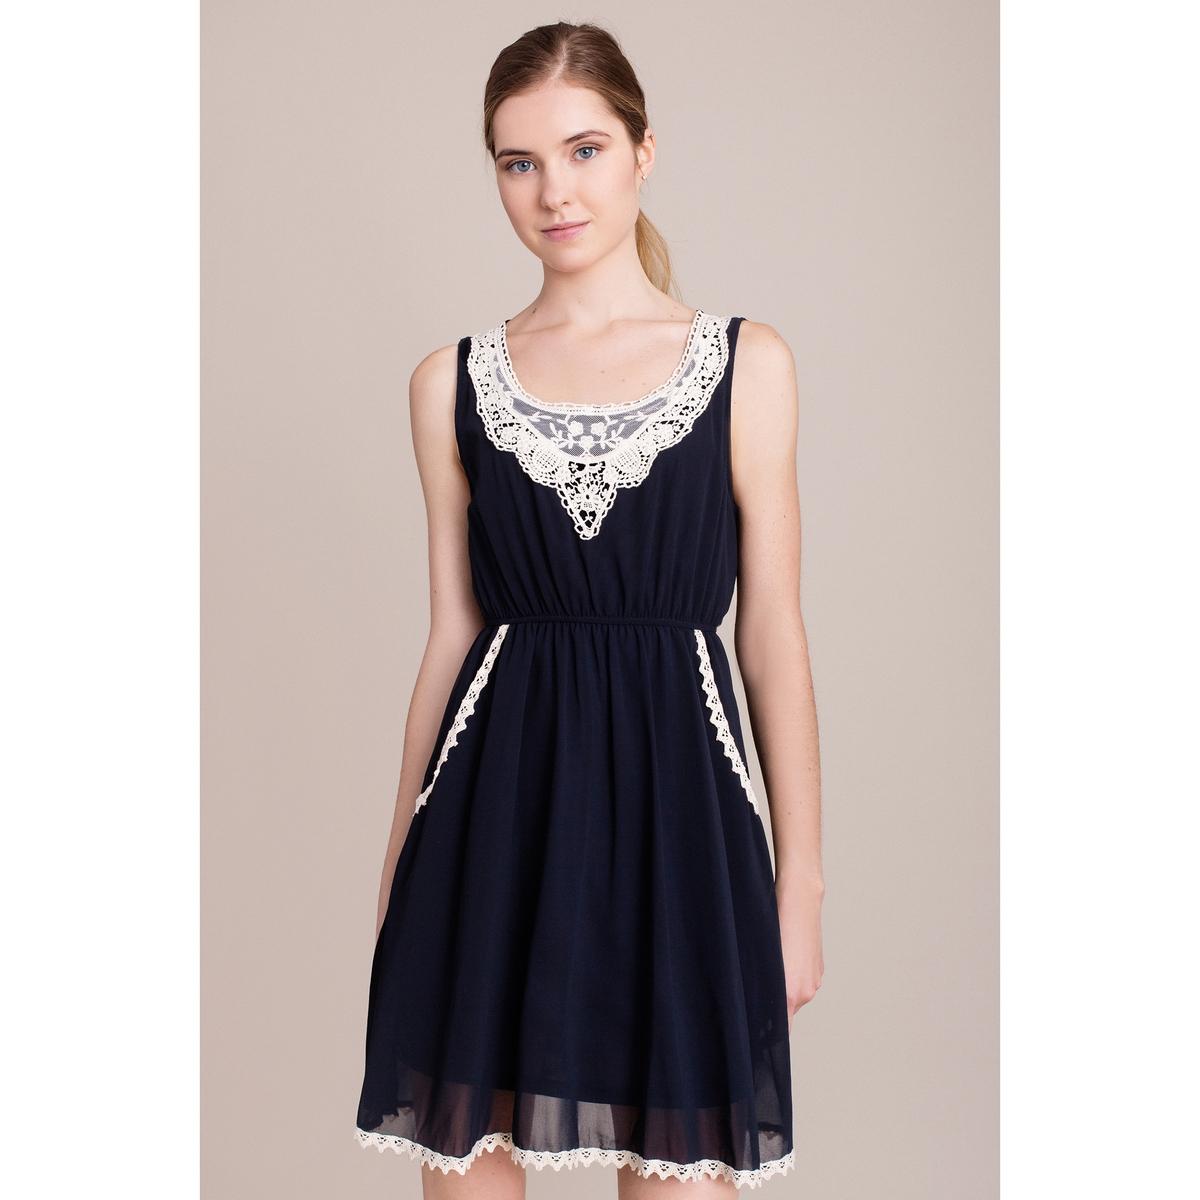 Платье без рукавовПлатье MIGLE+ME. Без рукавов.Характеристики и описание    Материал         100% полиэстера    Марка    MIGLE+ME<br><br>Цвет: темно-синий<br>Размер: L